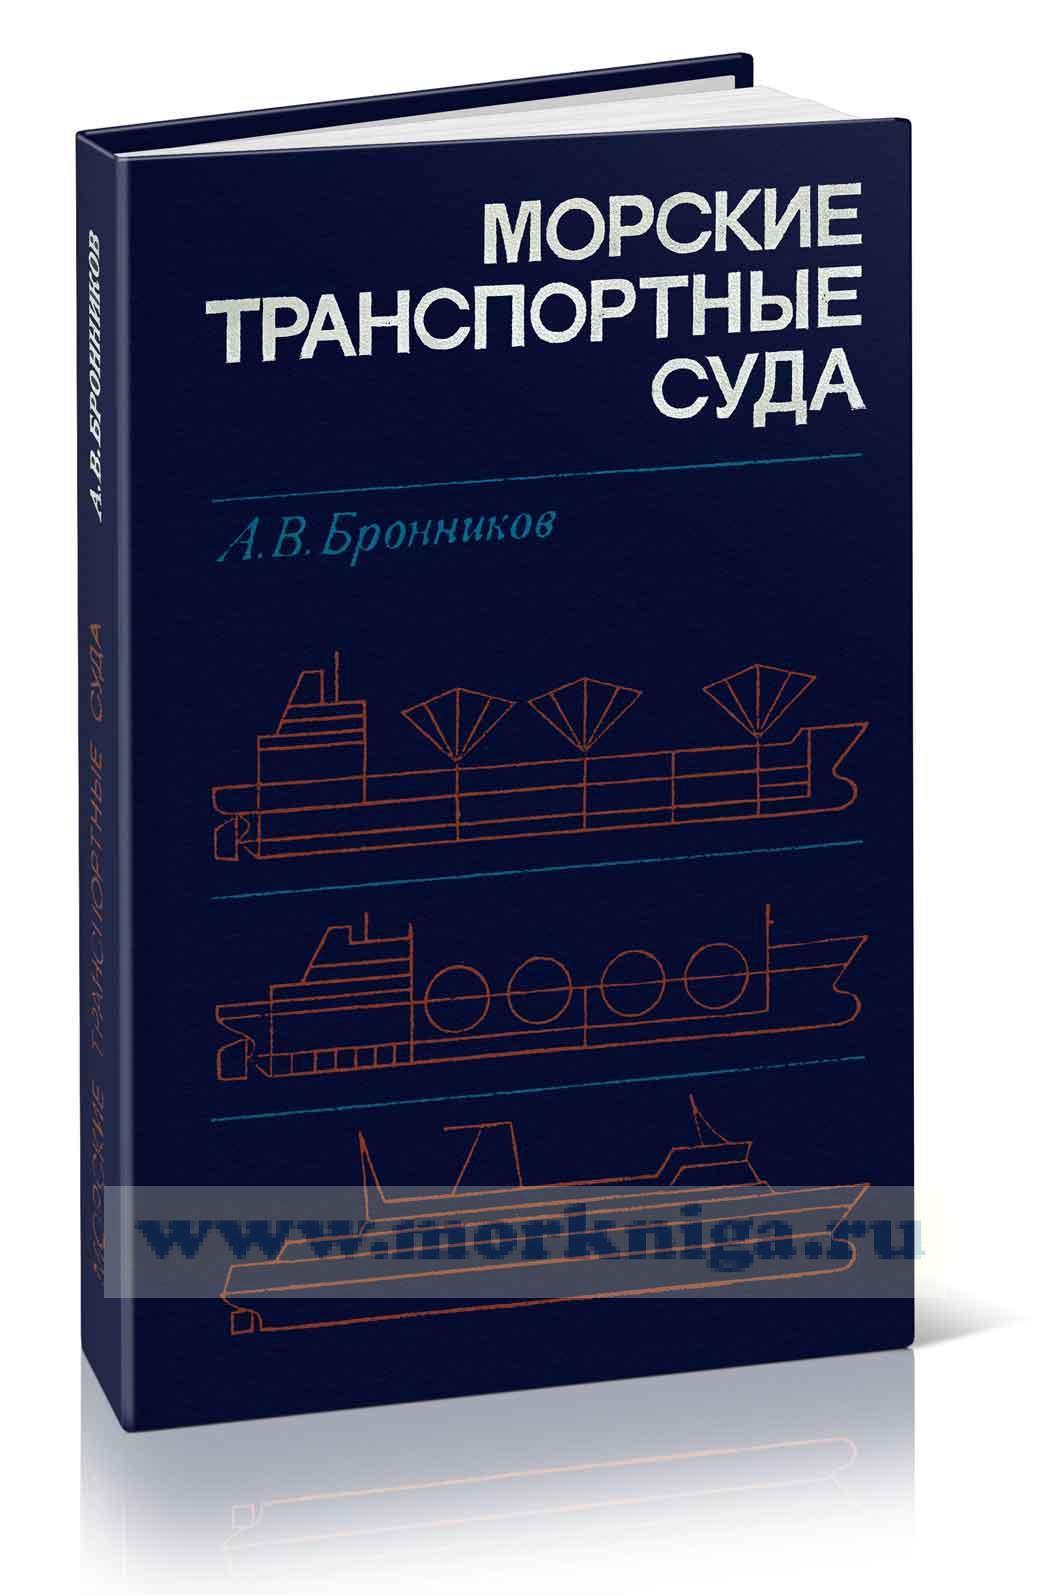 Морские транспортные суда. Основы проектирования